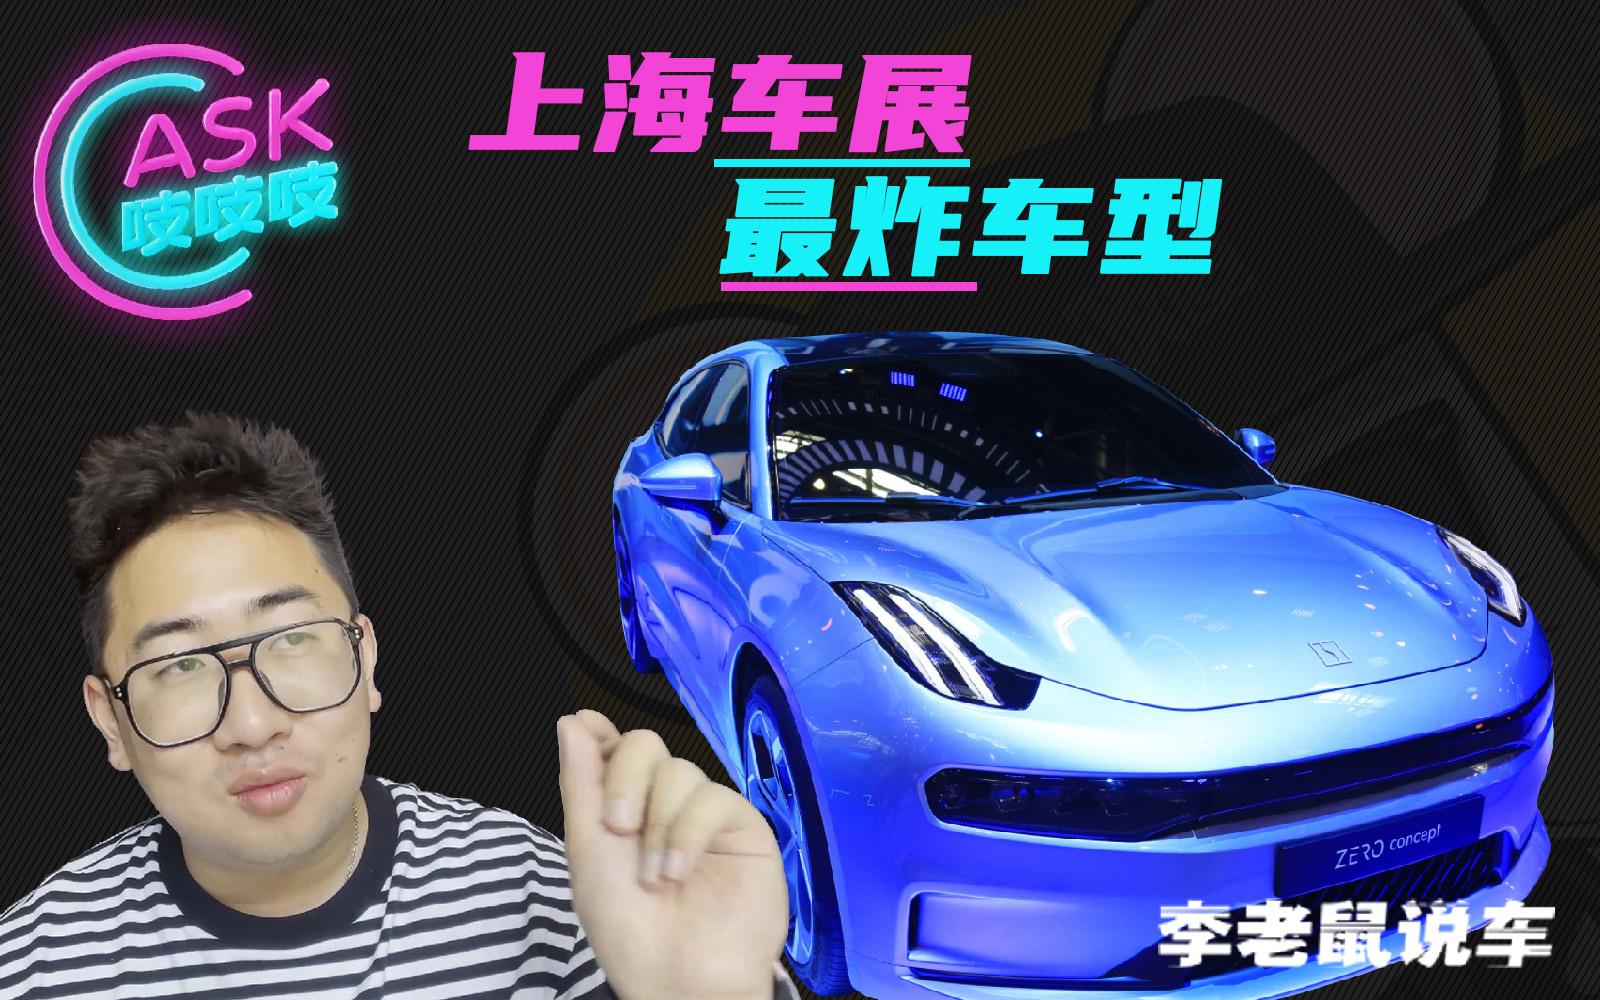 上海车展最炸车型竟不是坦克?20万入手性能雷车让人欲罢不能